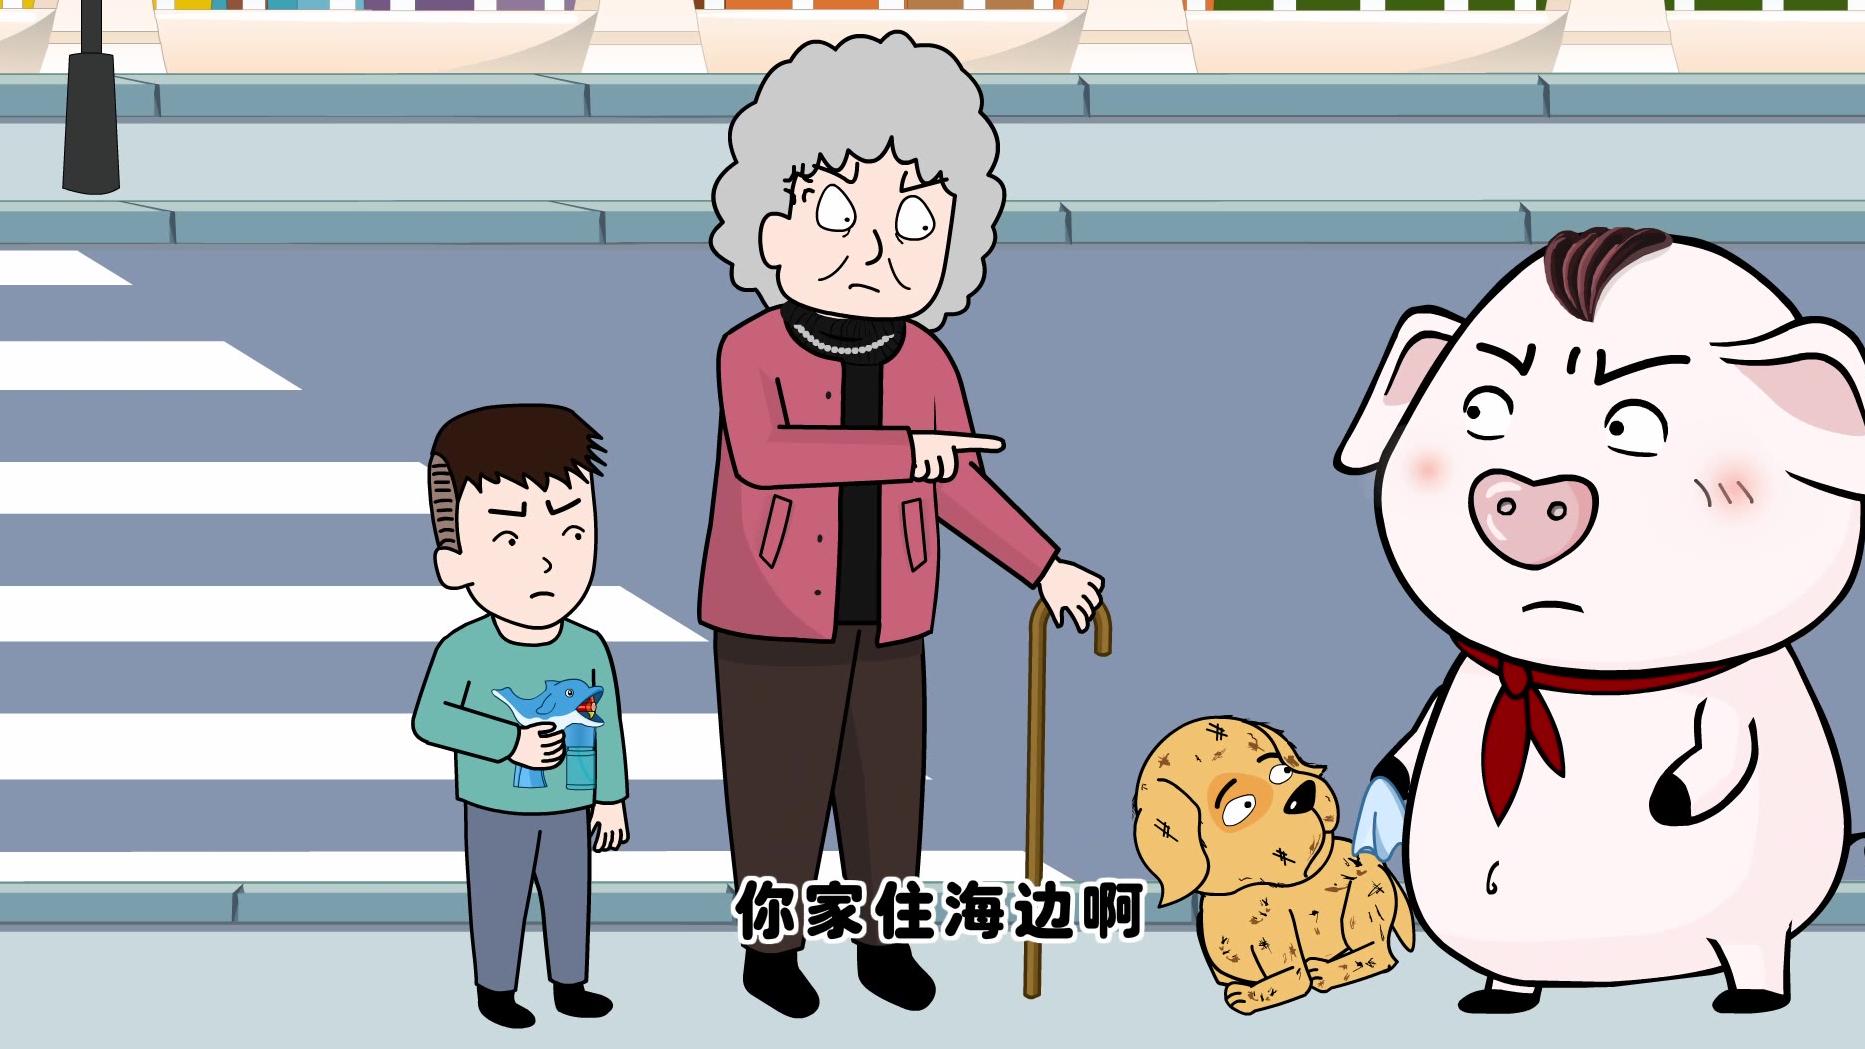 奶奶不遵交规,还笑话屁登和小狗说话,结局奶奶哑口无言